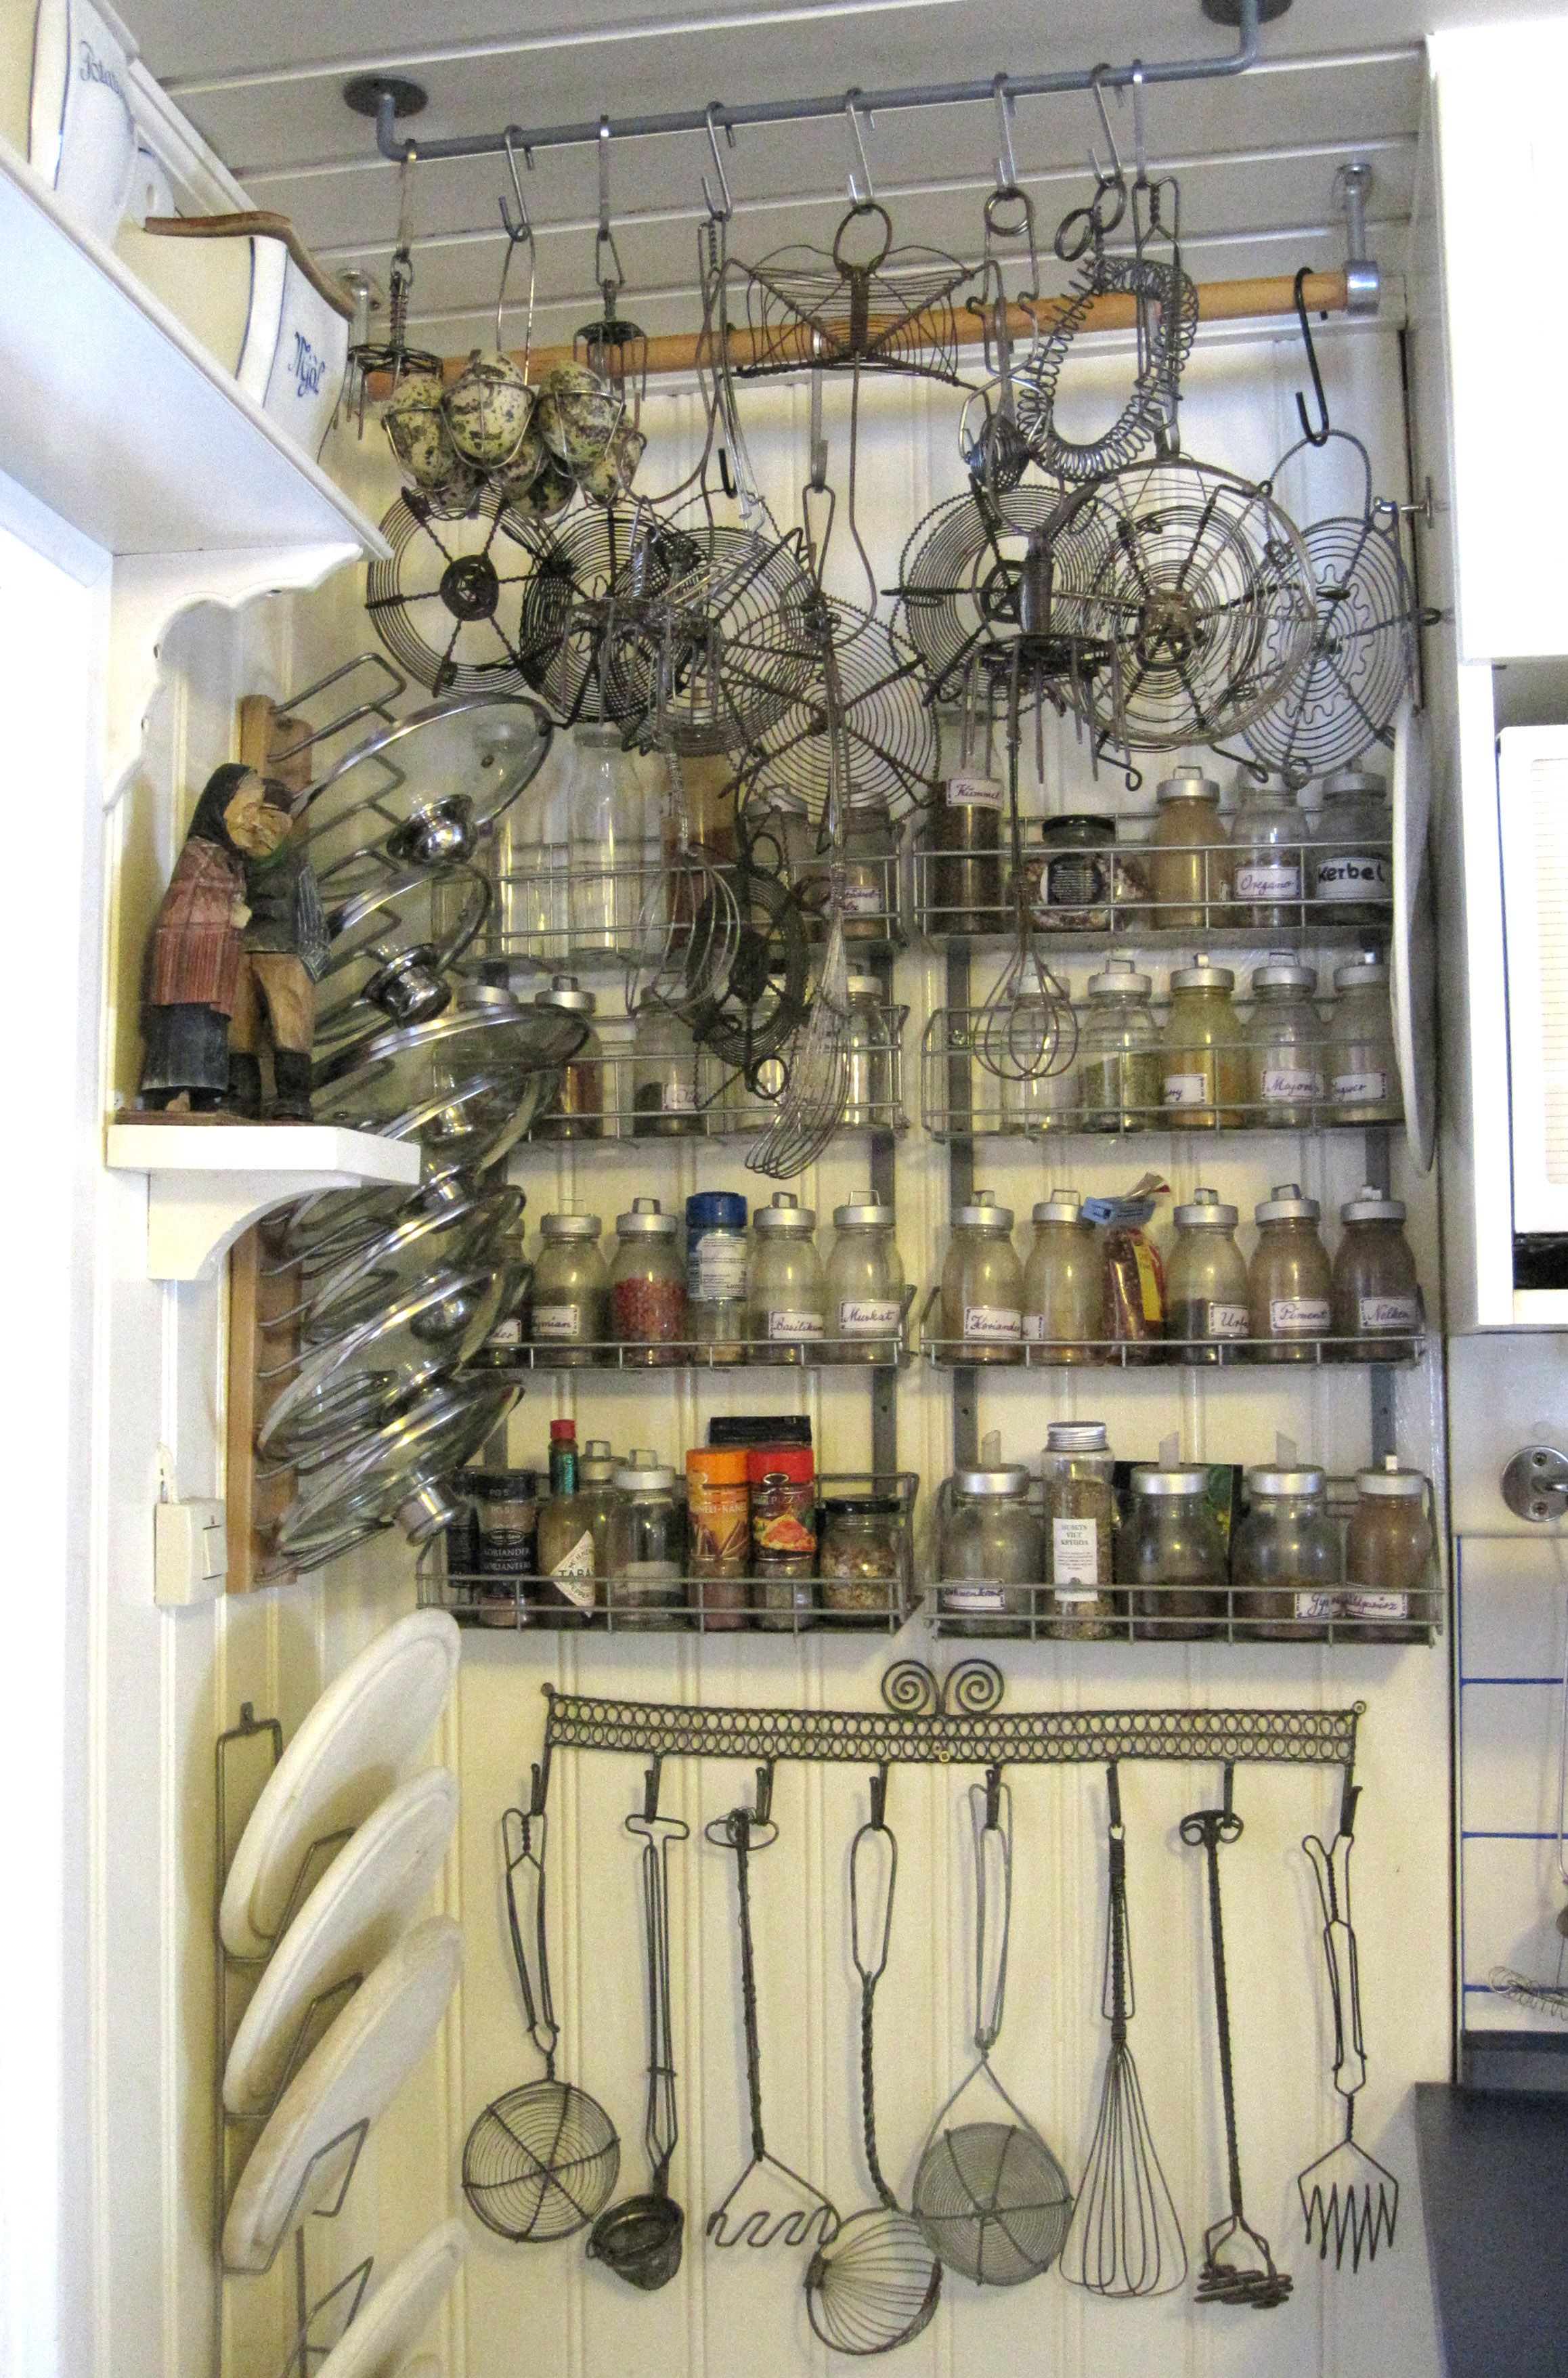 Küchendekoration alte drahtkunst als küchendekoration sammlungen und deko für meine